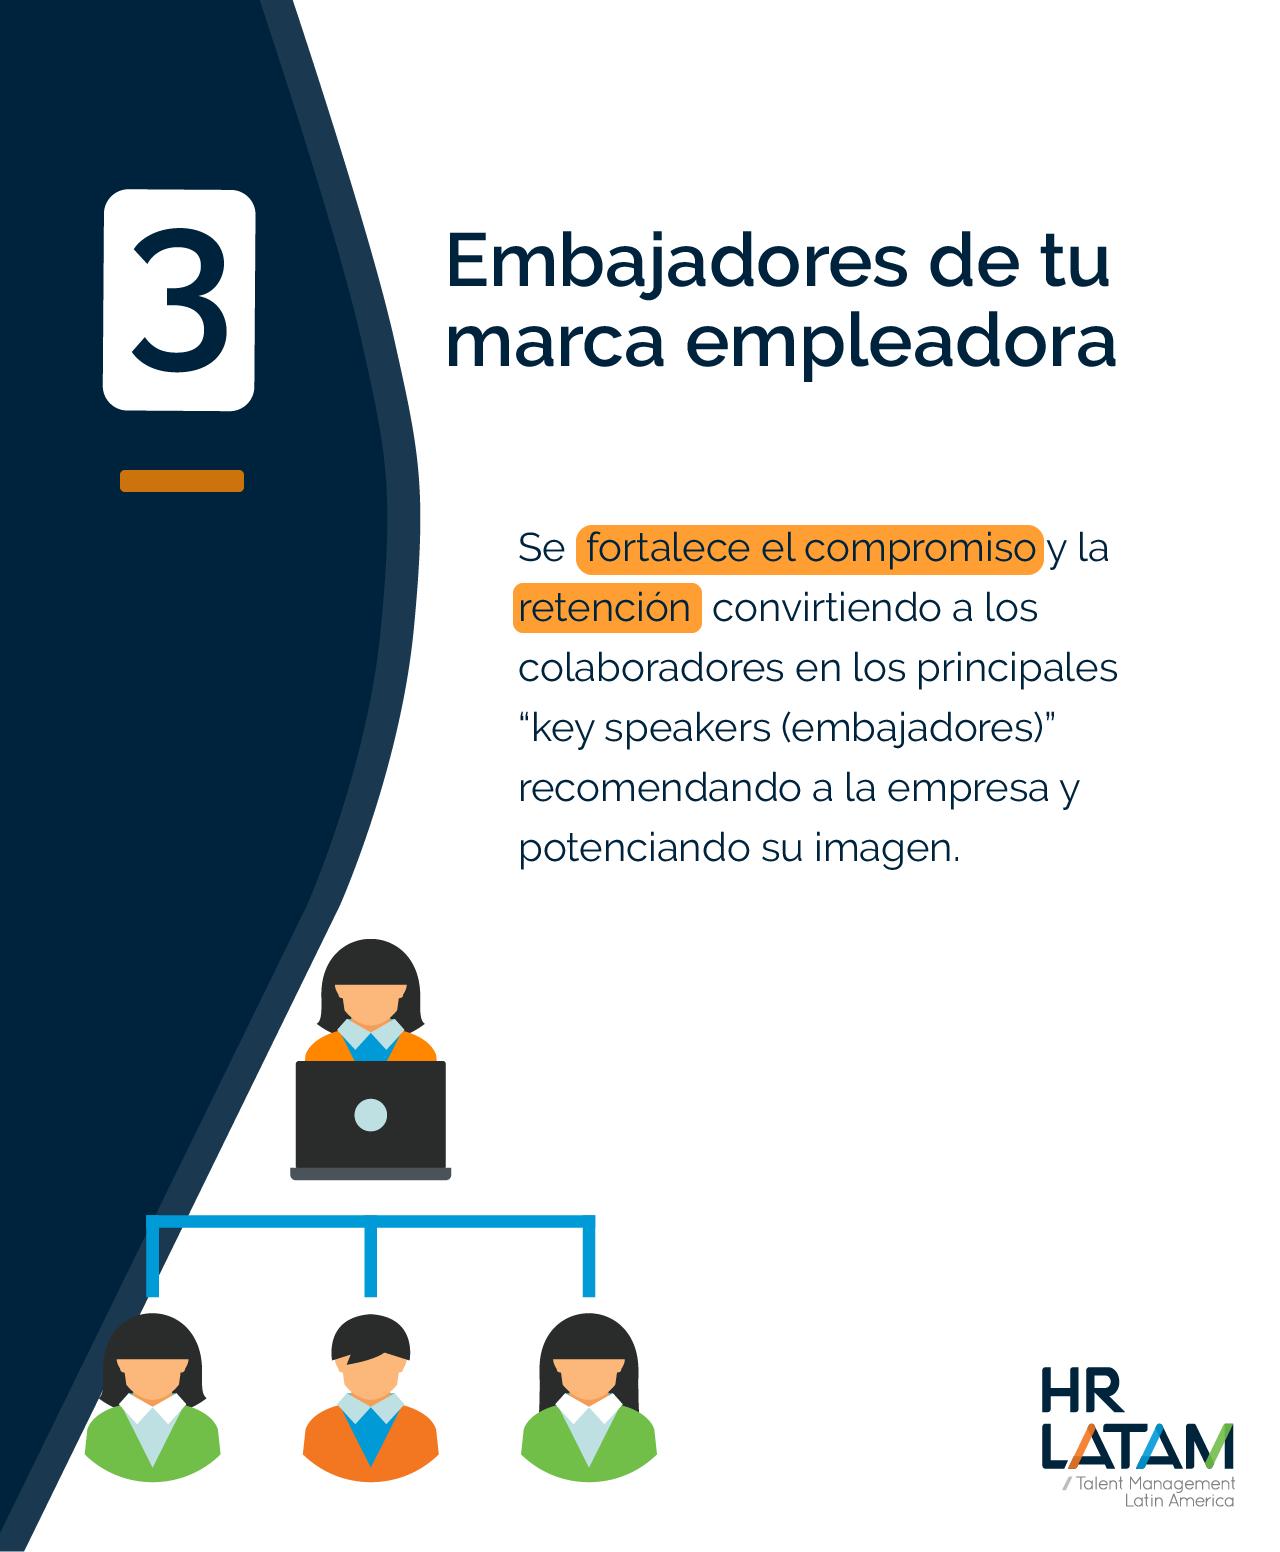 Embajadores de tu marca empleadora (deseabilidad de empleo)